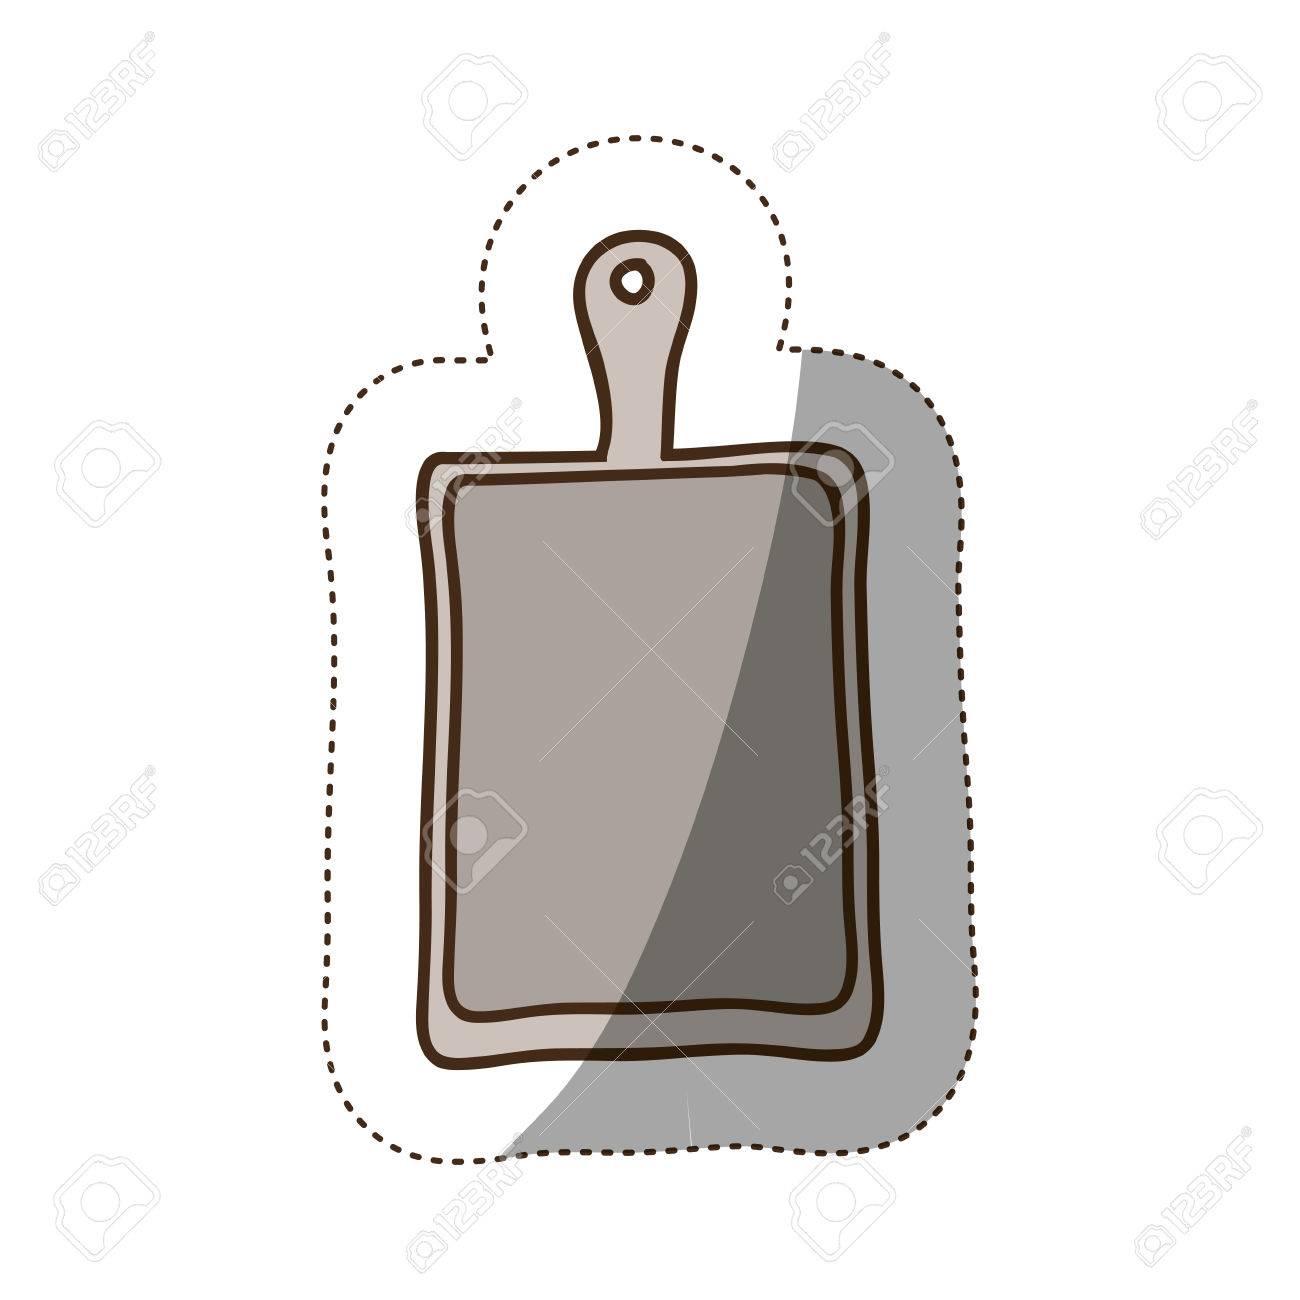 Cuisine Ustensile De Cuisine Icone Illustration Vectorielle Design